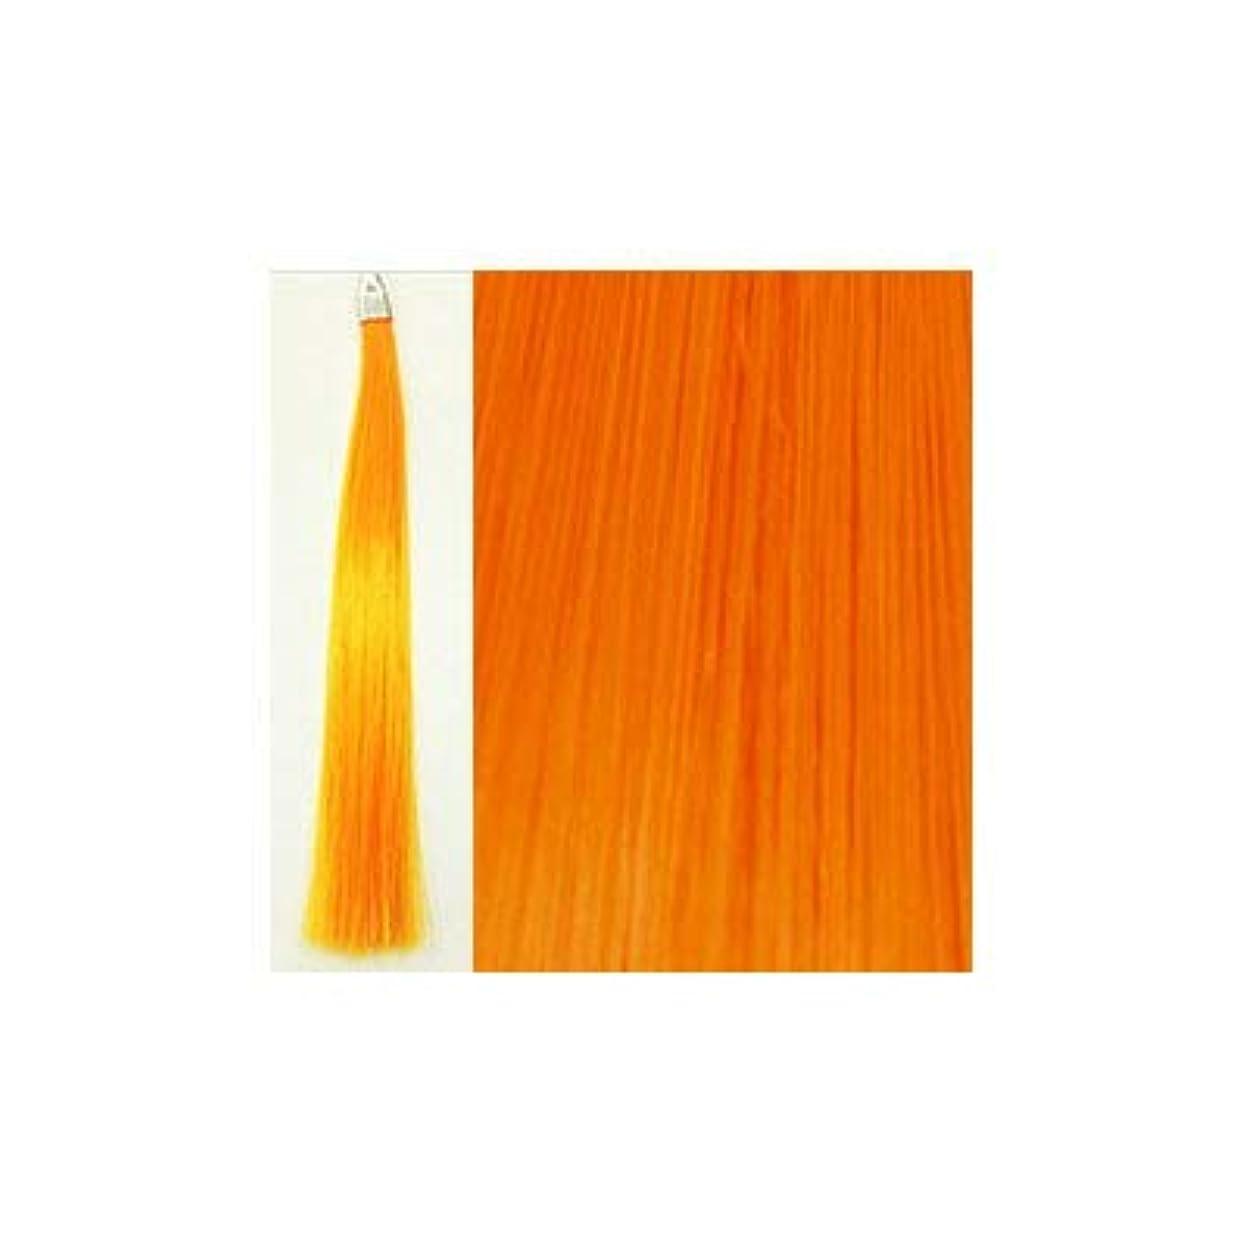 受取人競争力のある困ったカミエク ヘアーエクステンション ライトオレンジ 6本毛